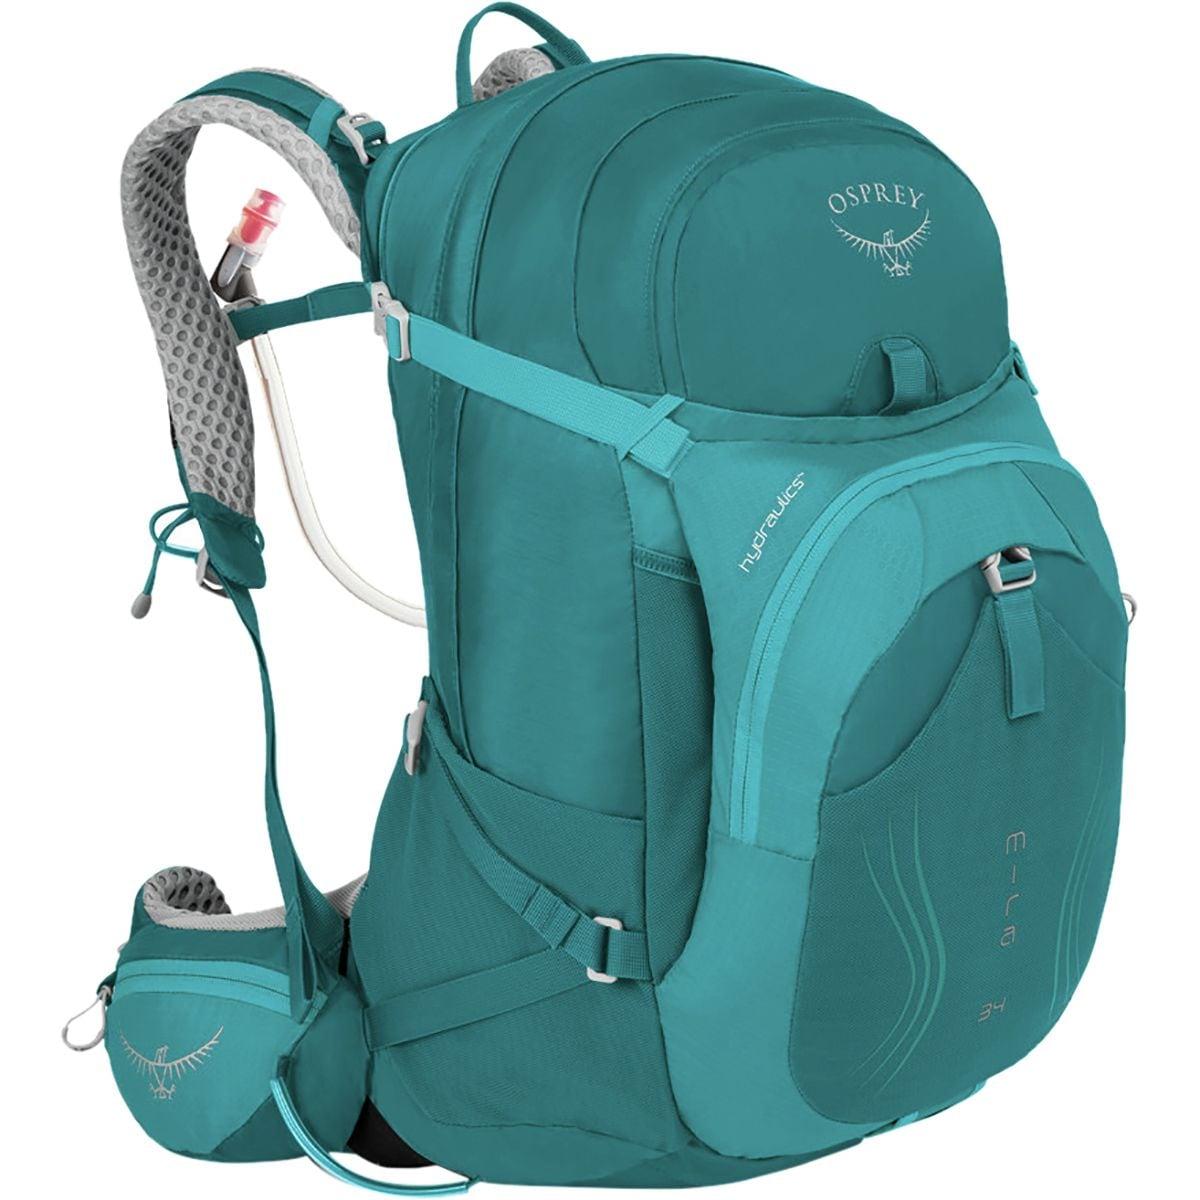 Osprey Packs Mira AG 34L Backpack - Women's